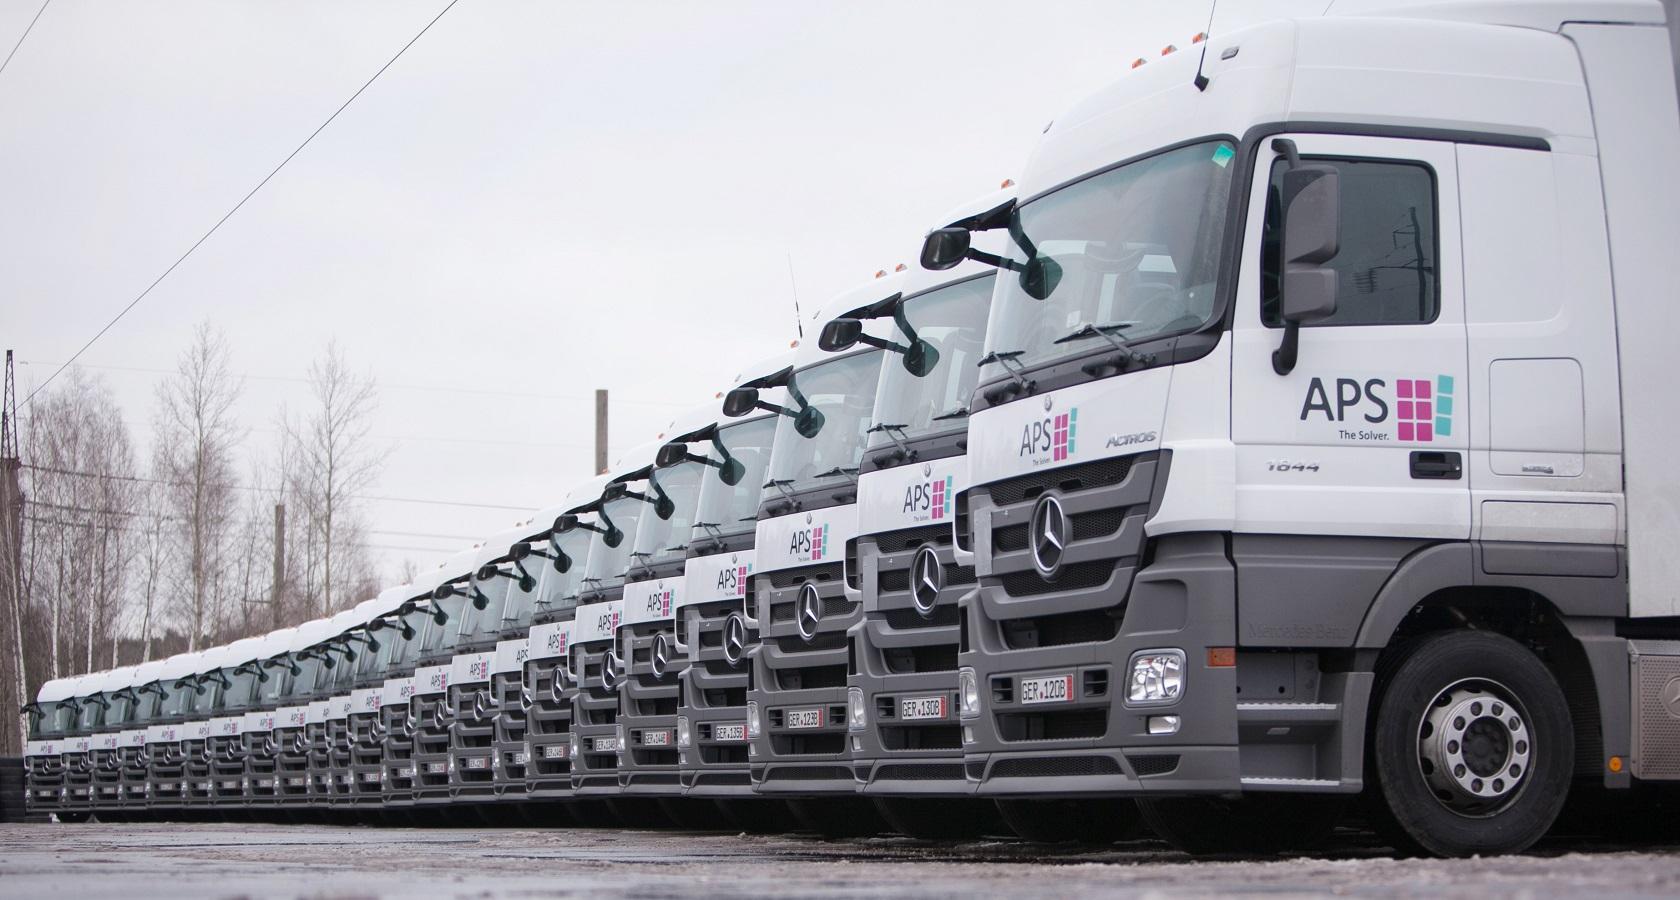 Самой продаваемой иномаркой в России по итогам 2017 года стал немецкий Mercedes Actros (фото: APS/«Адженс»)